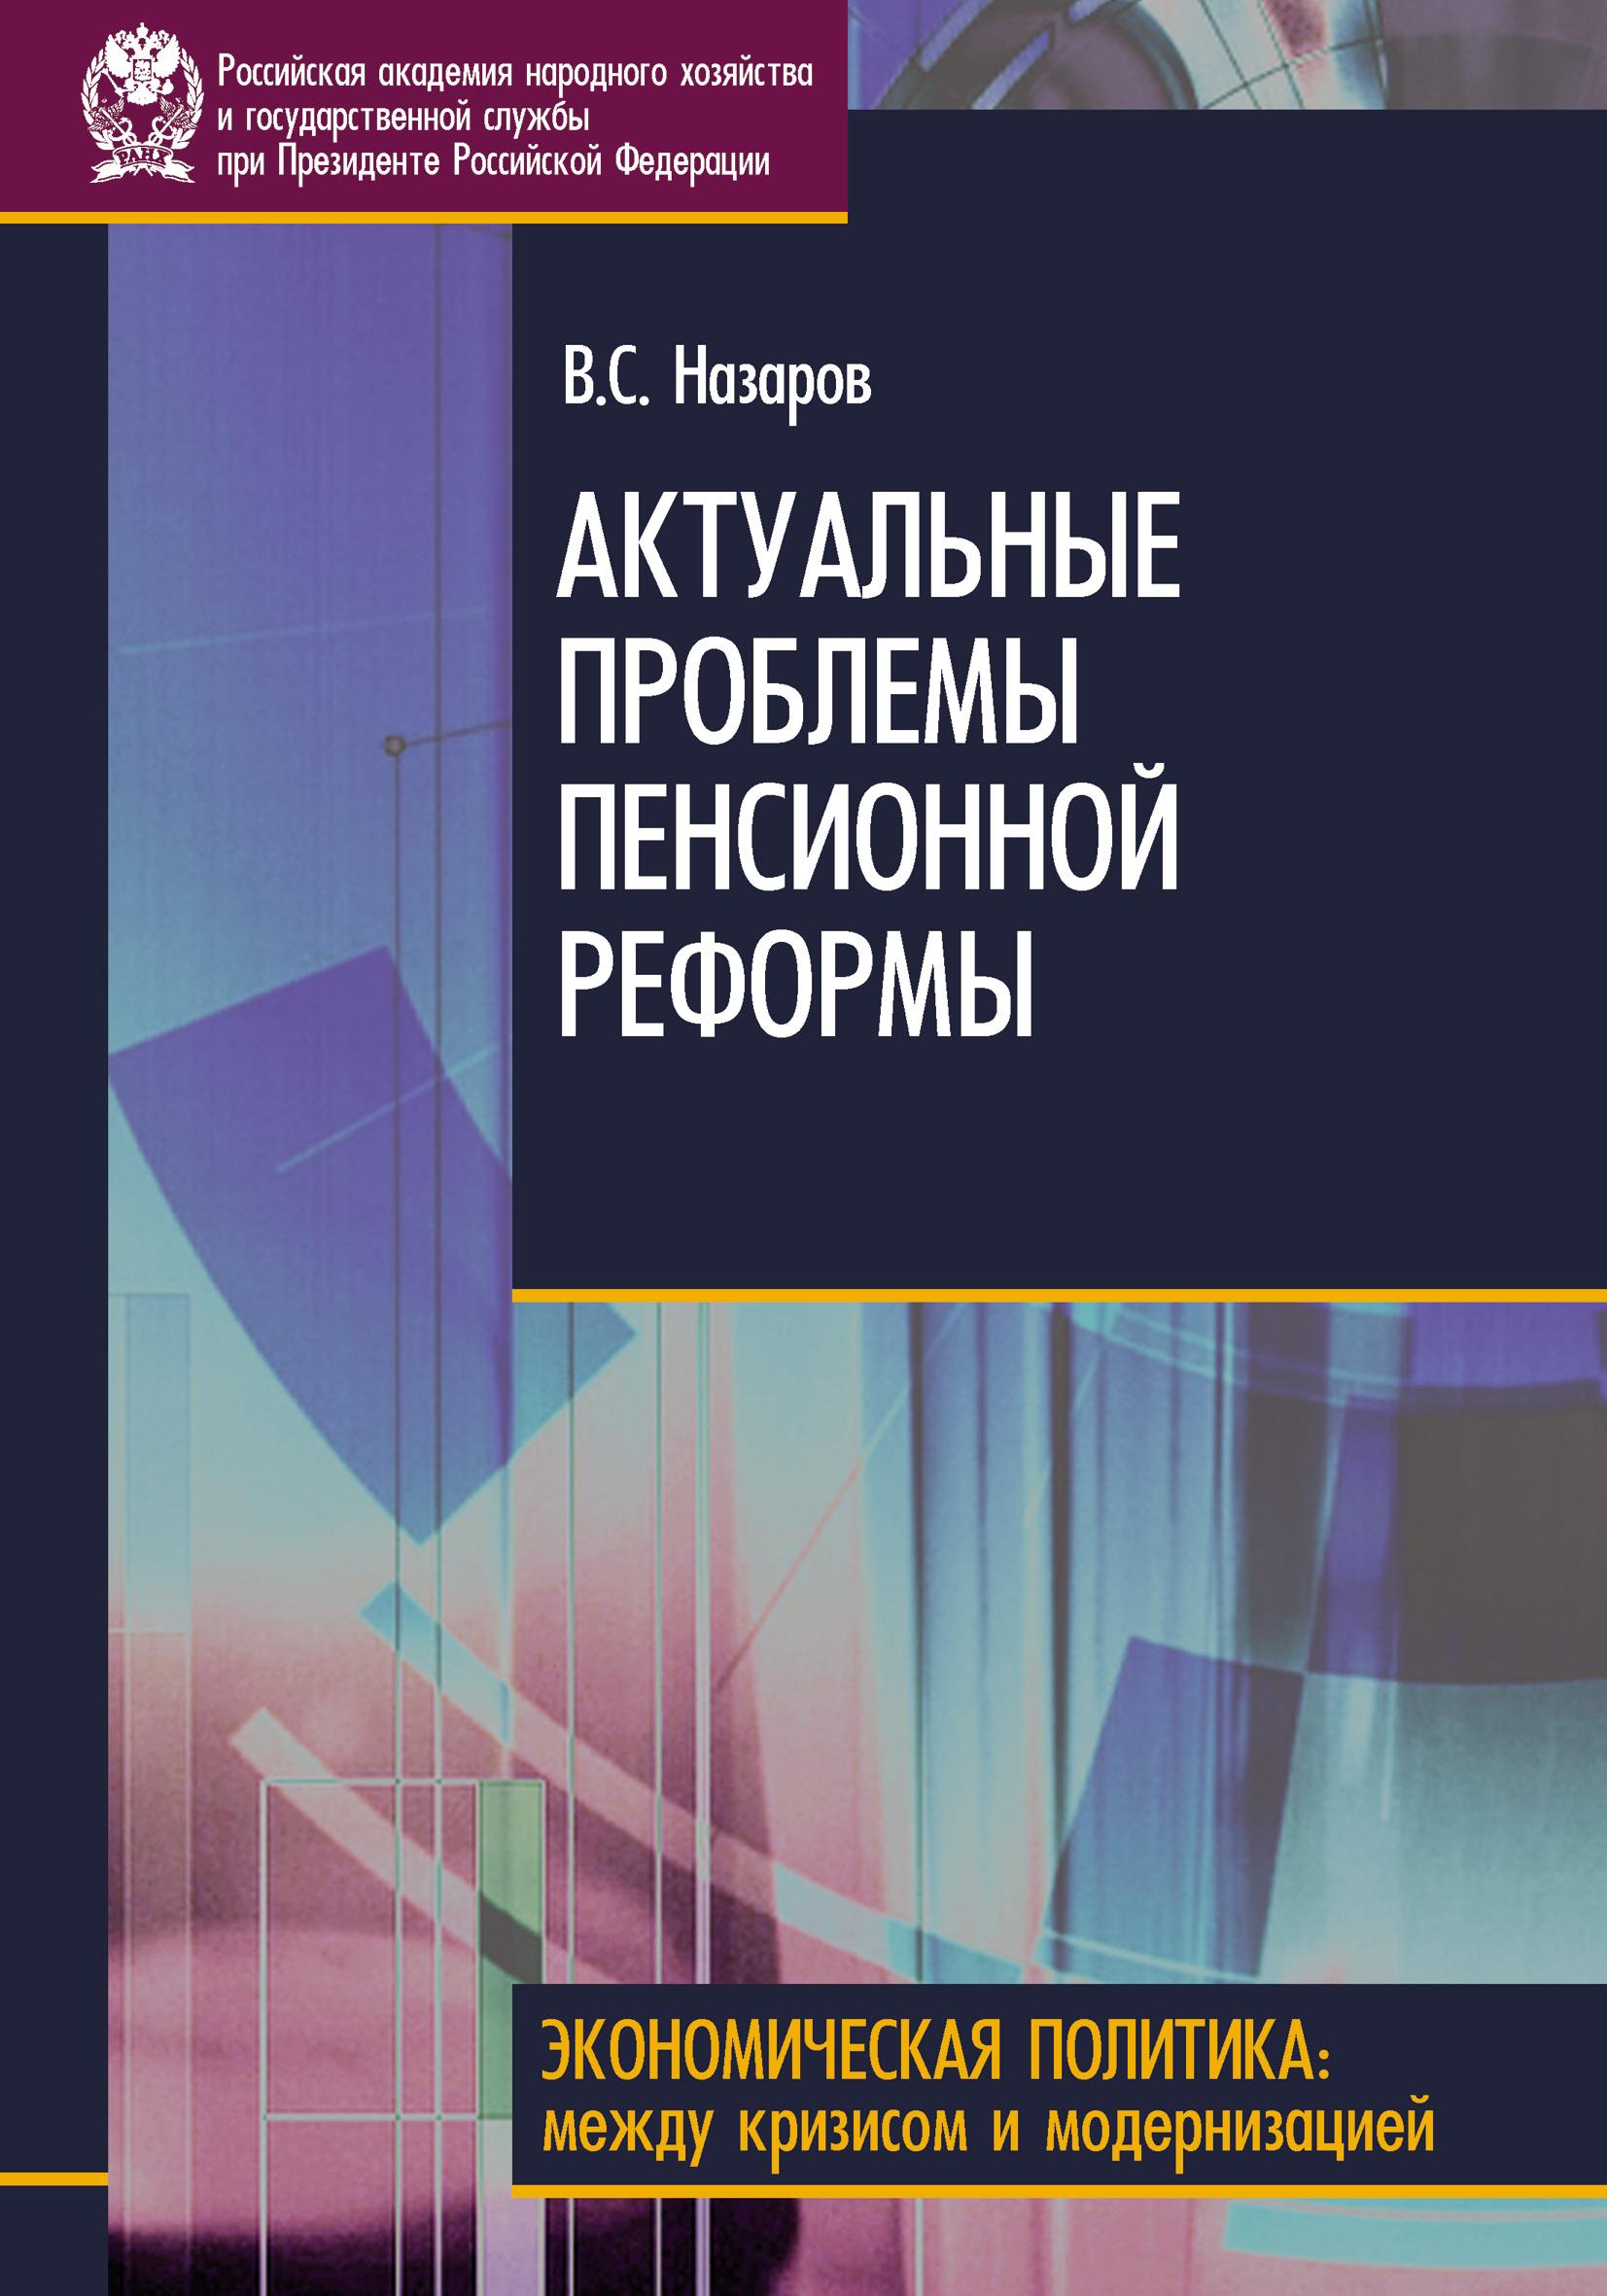 фото обложки издания Актуальные проблемы пенсионной реформы